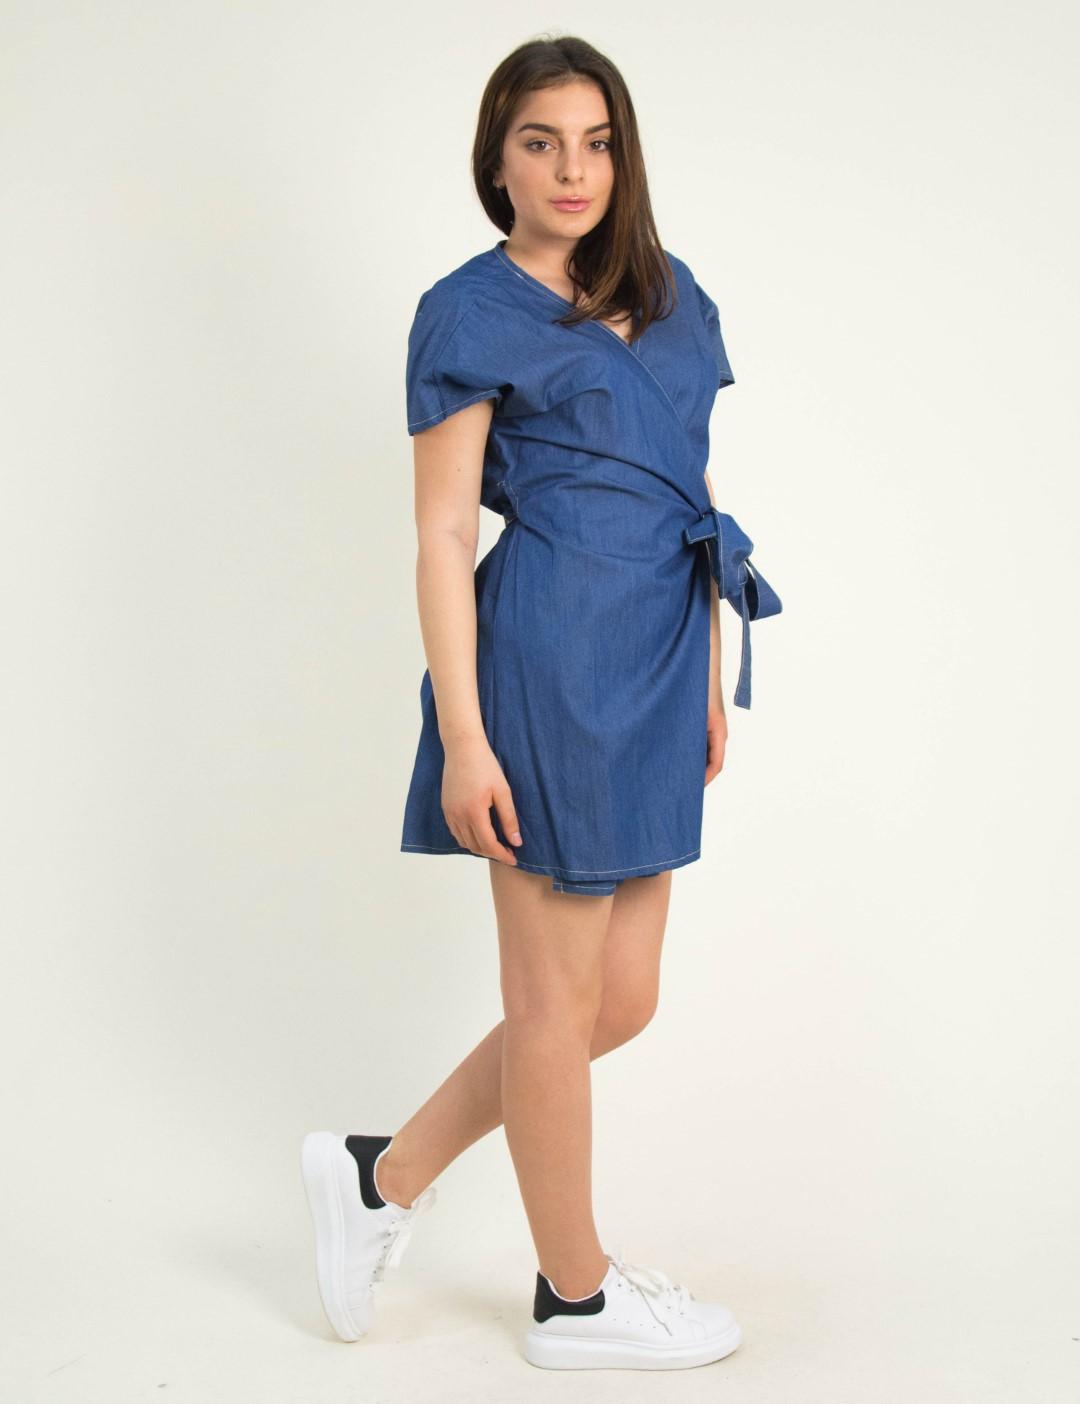 90a2d8910b57 Torouxo Γυναικείο μπλε mini τζιν φόρεμα κρουαζέ 91991